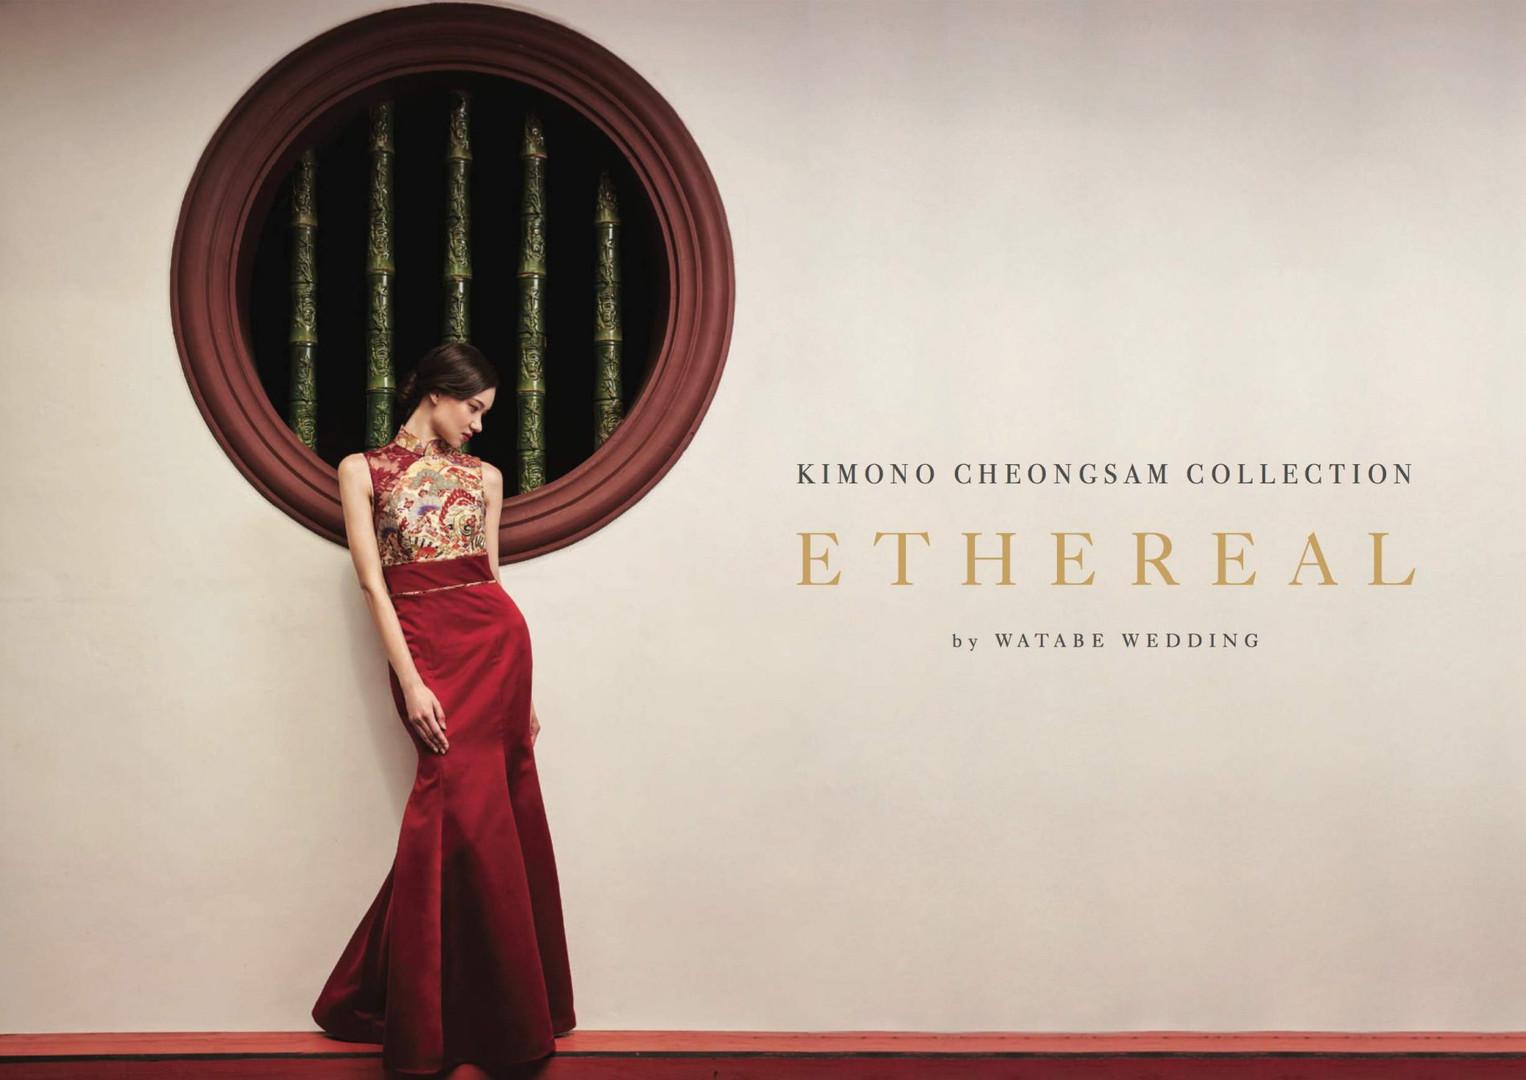 Ethereal by Watabe Wedding Kimono Cheong